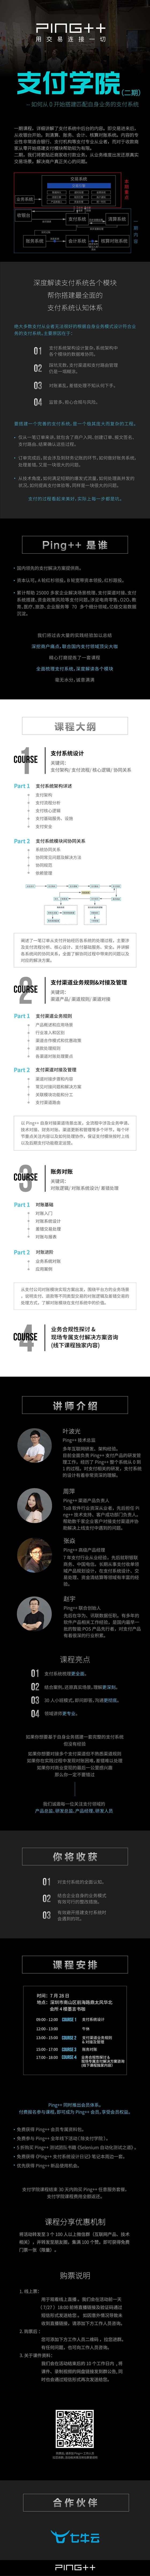 Ping++ 支付学院方案二期长海报7.jpg